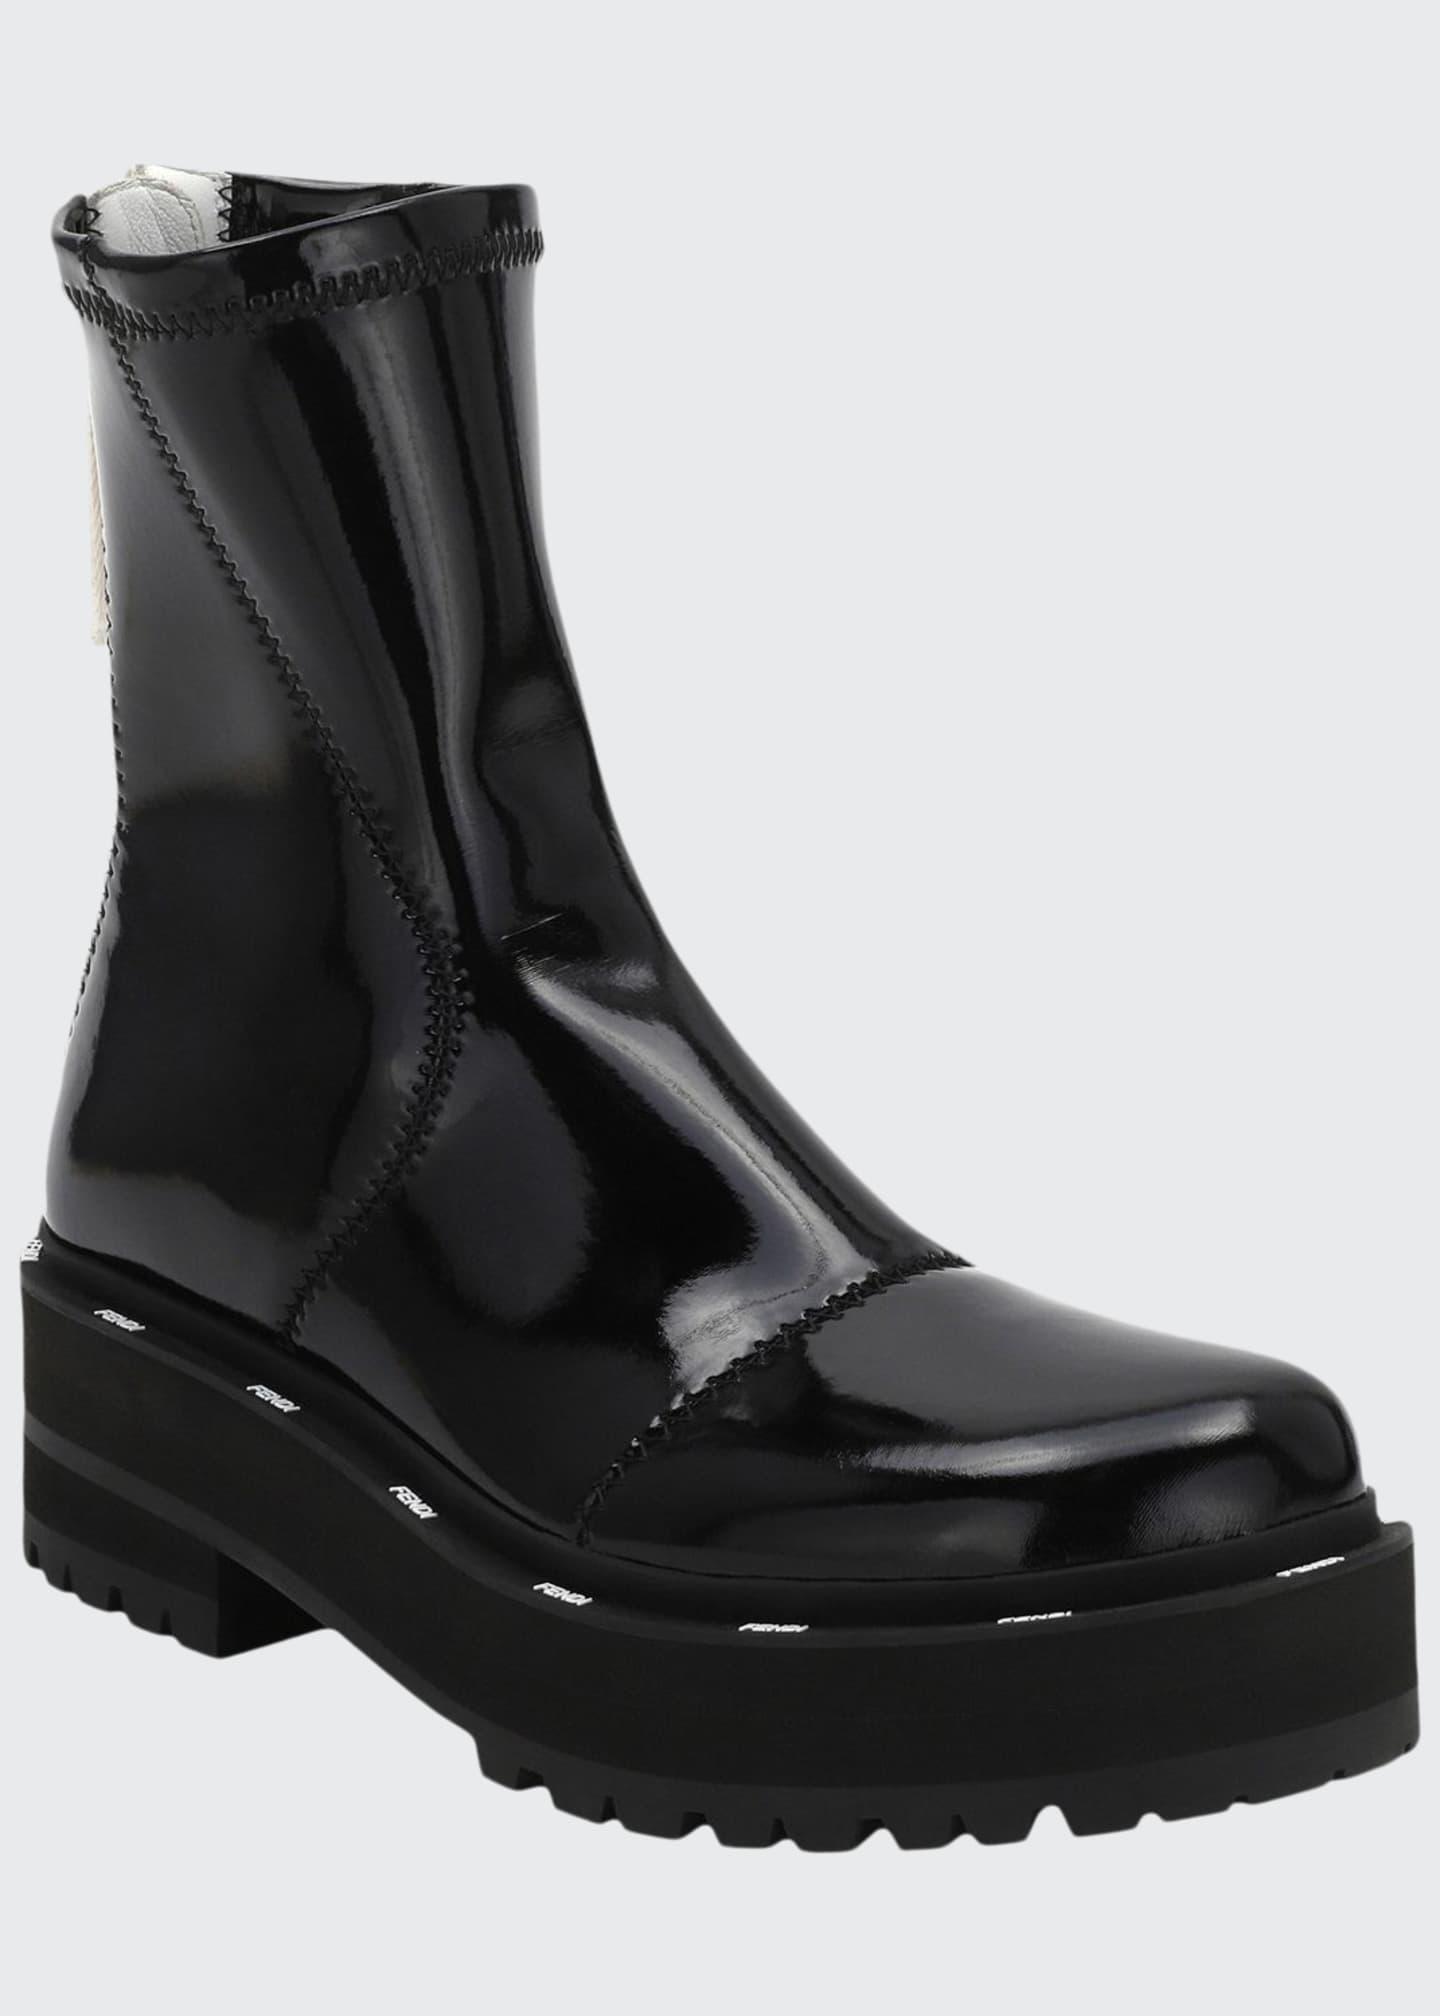 Fendi Shiny Platform Zip Booties